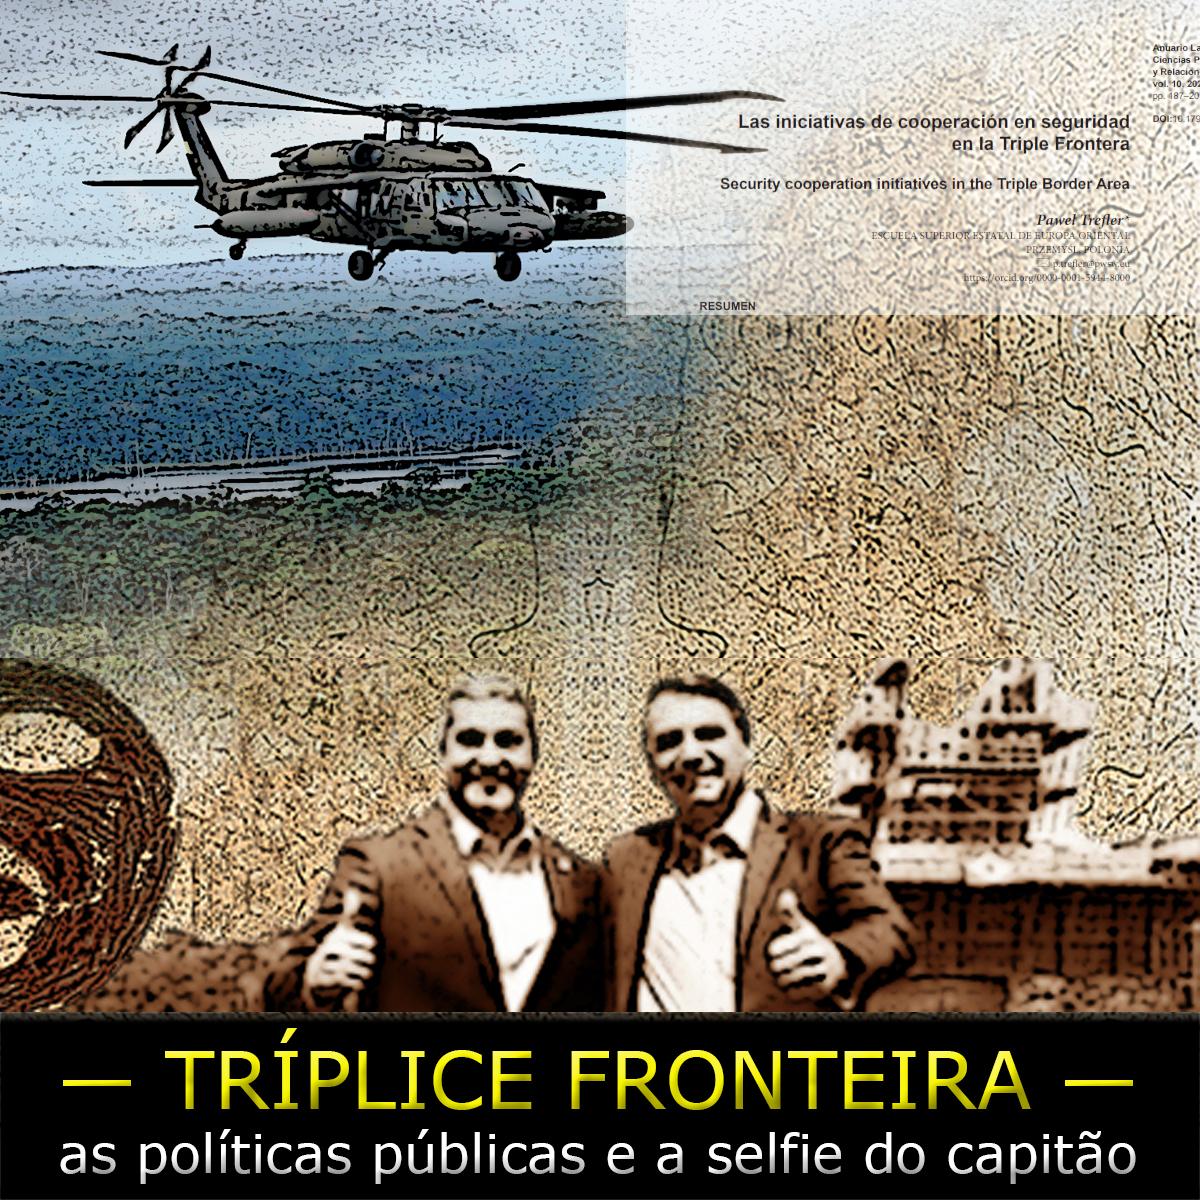 A facção PCC 1533, Bolsonaro e a TrípliceFronteira